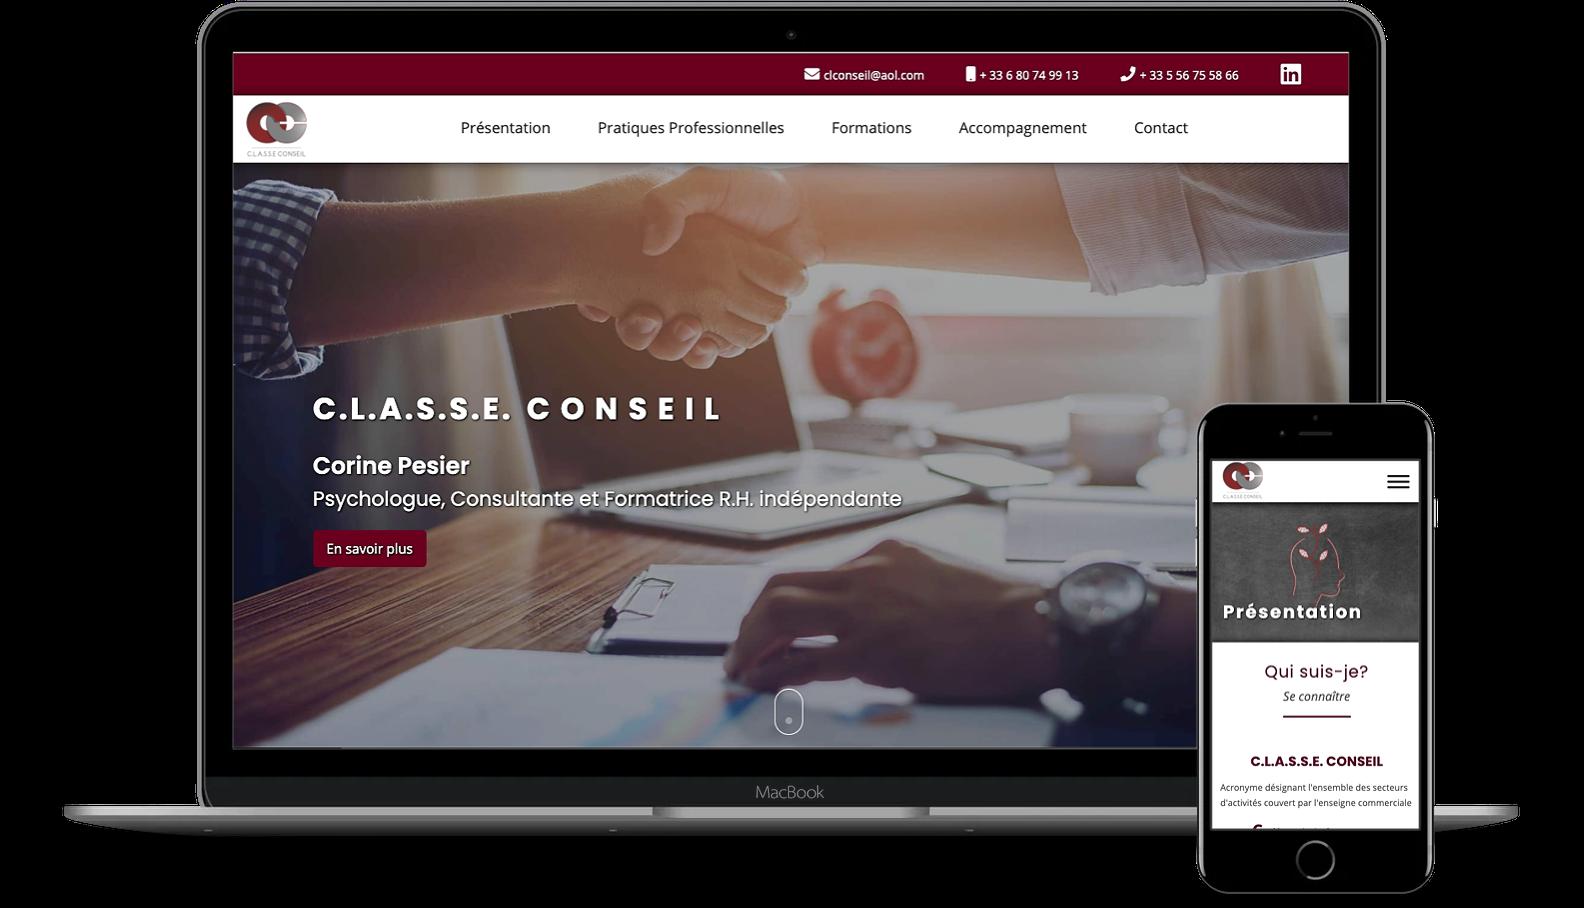 Full-Stack Web Developer - projects - C.L.A.S.S.E. CONSEIL